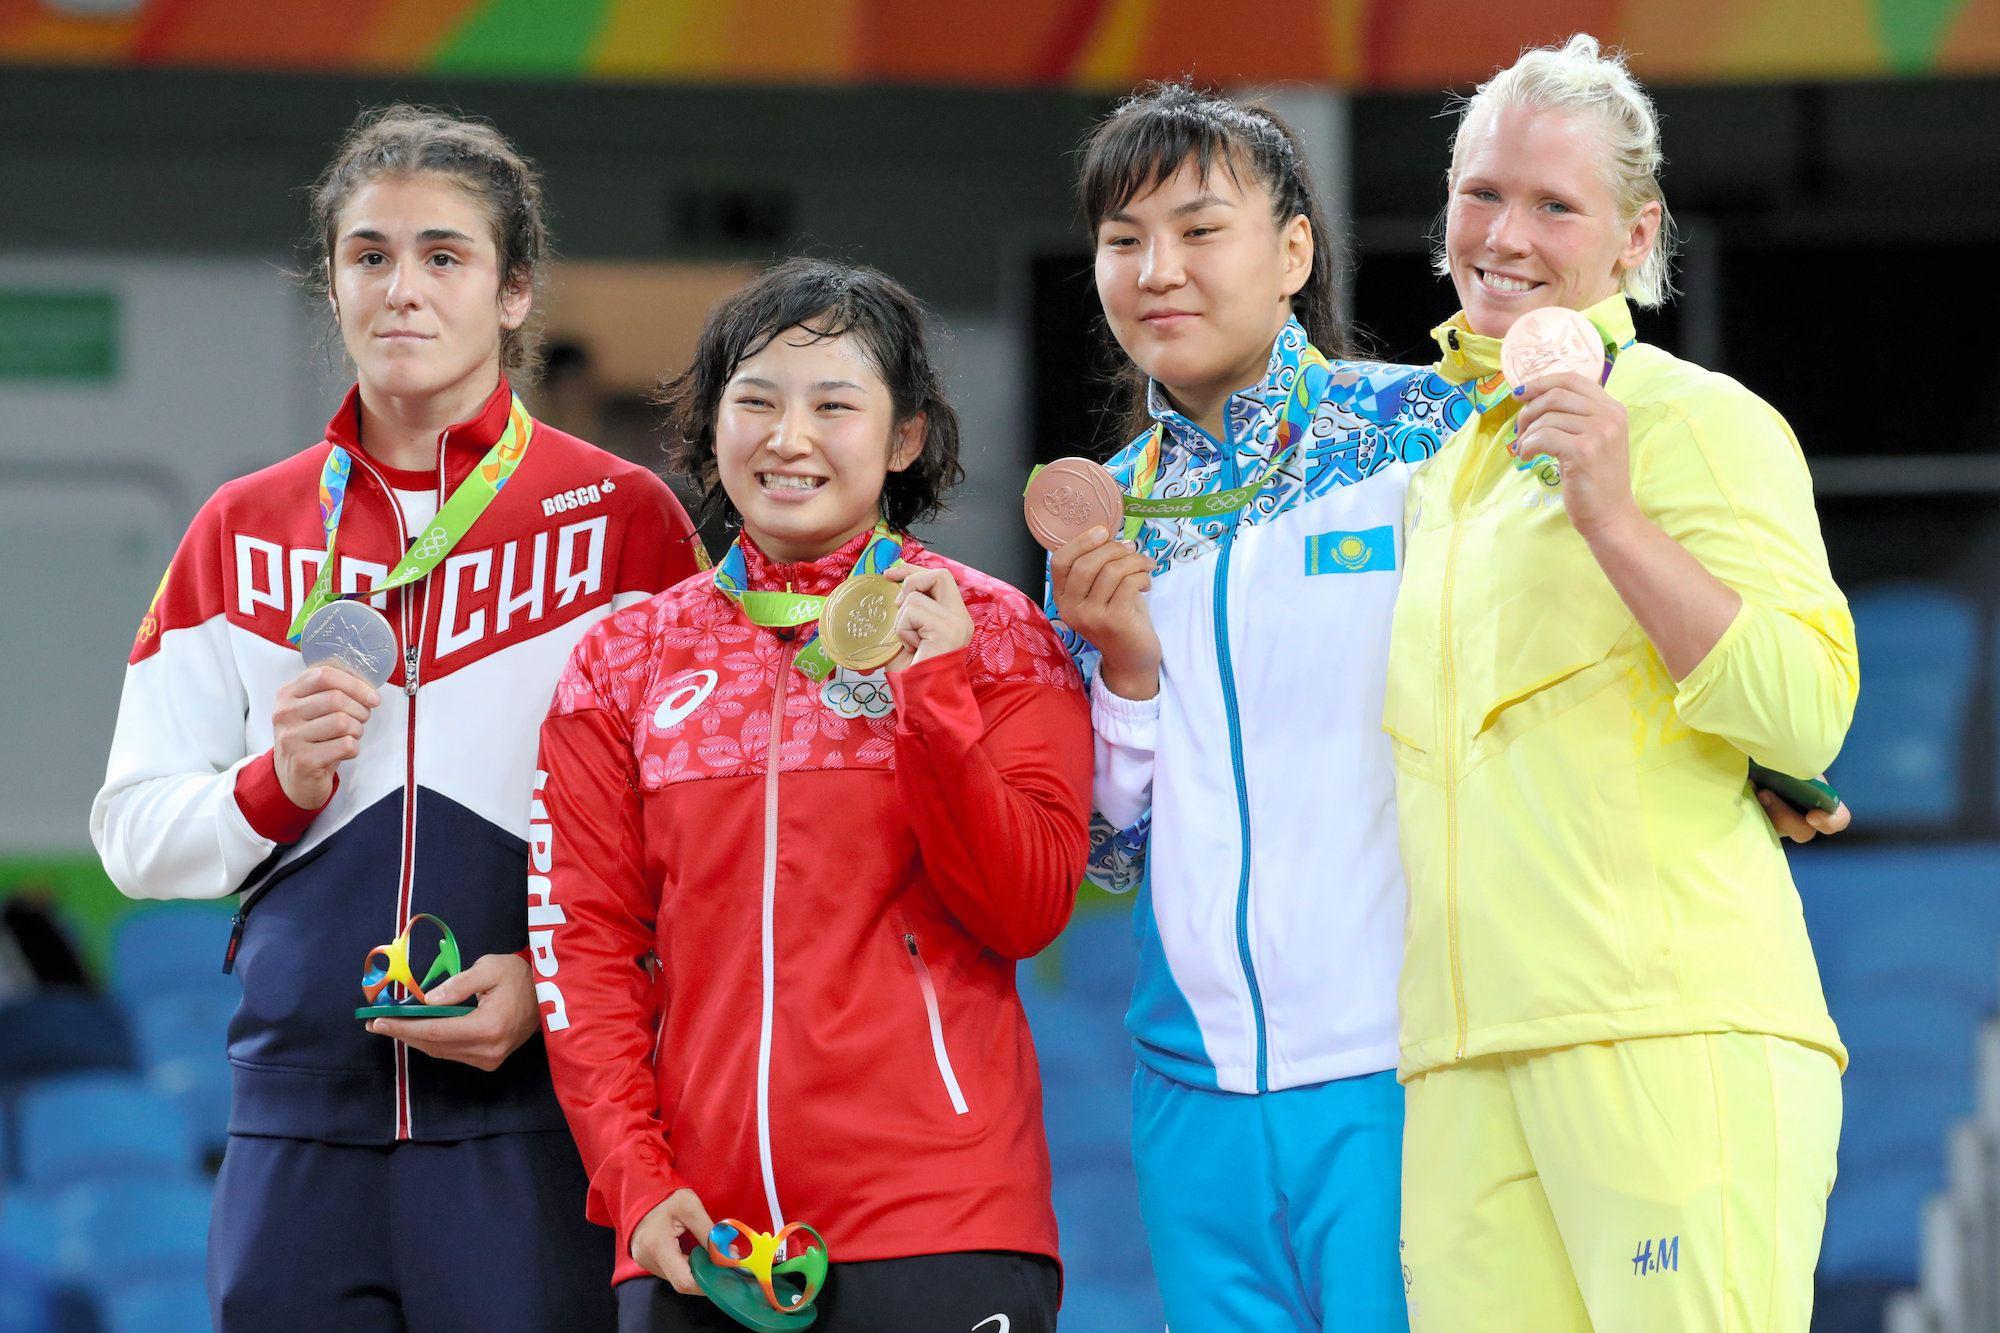 女子69キロ級の表彰式で金メダルを掲げる土性沙羅(左から2人目)=林敏行撮影(7/29)-レスリング女子、金ラッシュ リオオリンピック 2016:朝日新聞デジタル